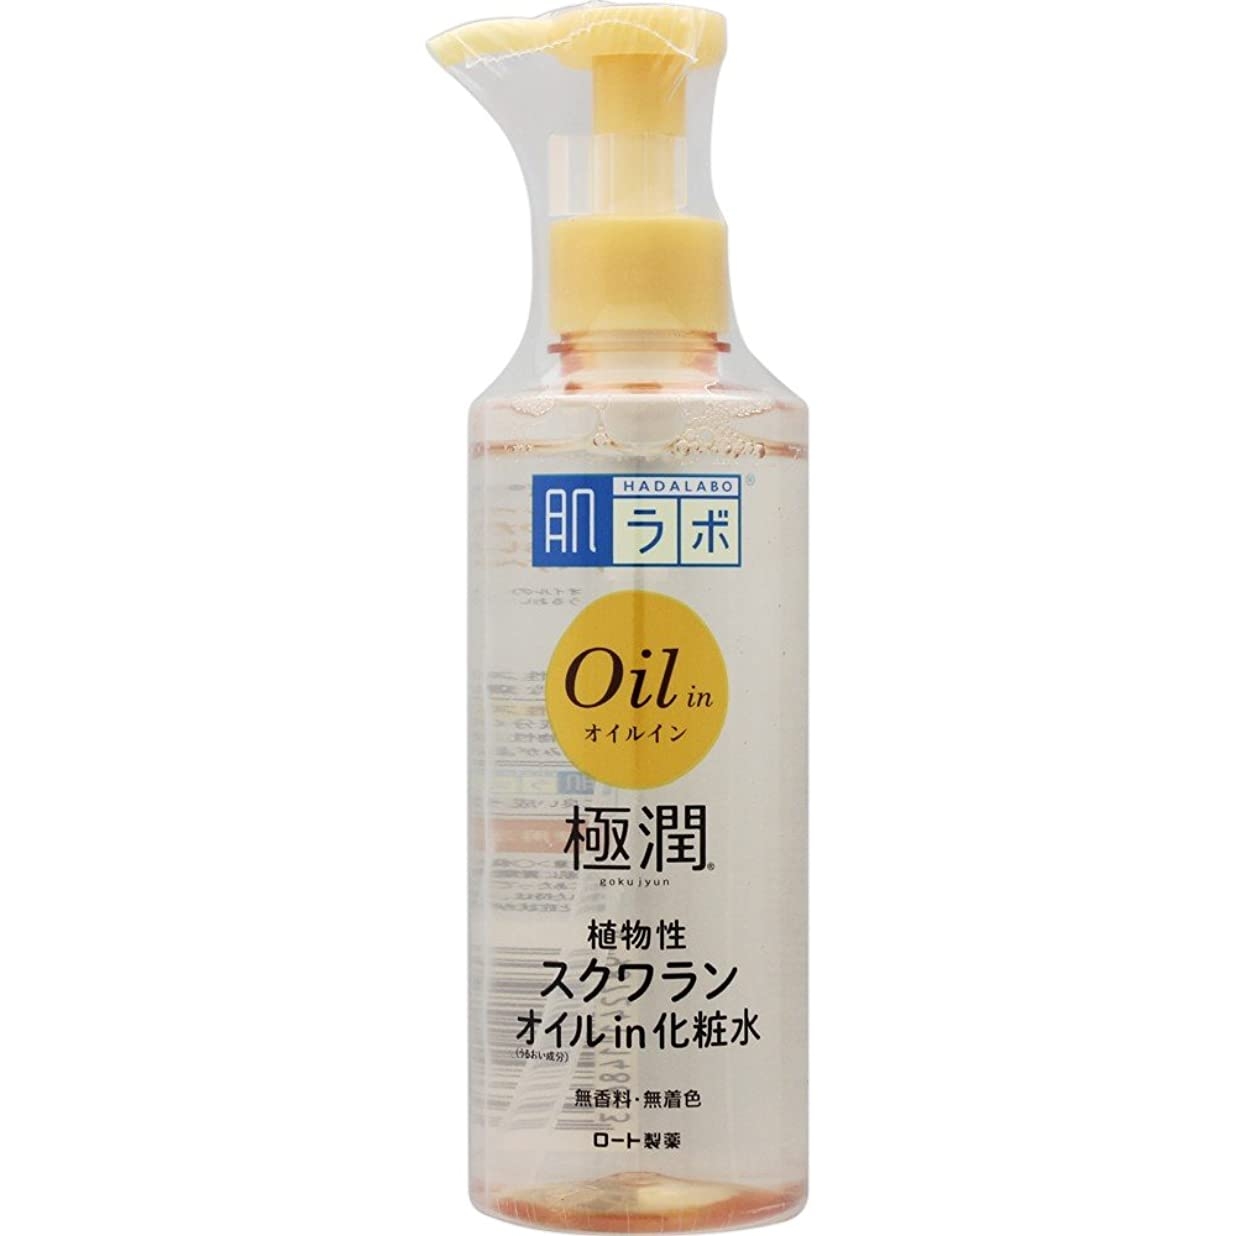 肌ラボ 極潤オイルイン化粧水 植物性スクワランオイル配合 220ml